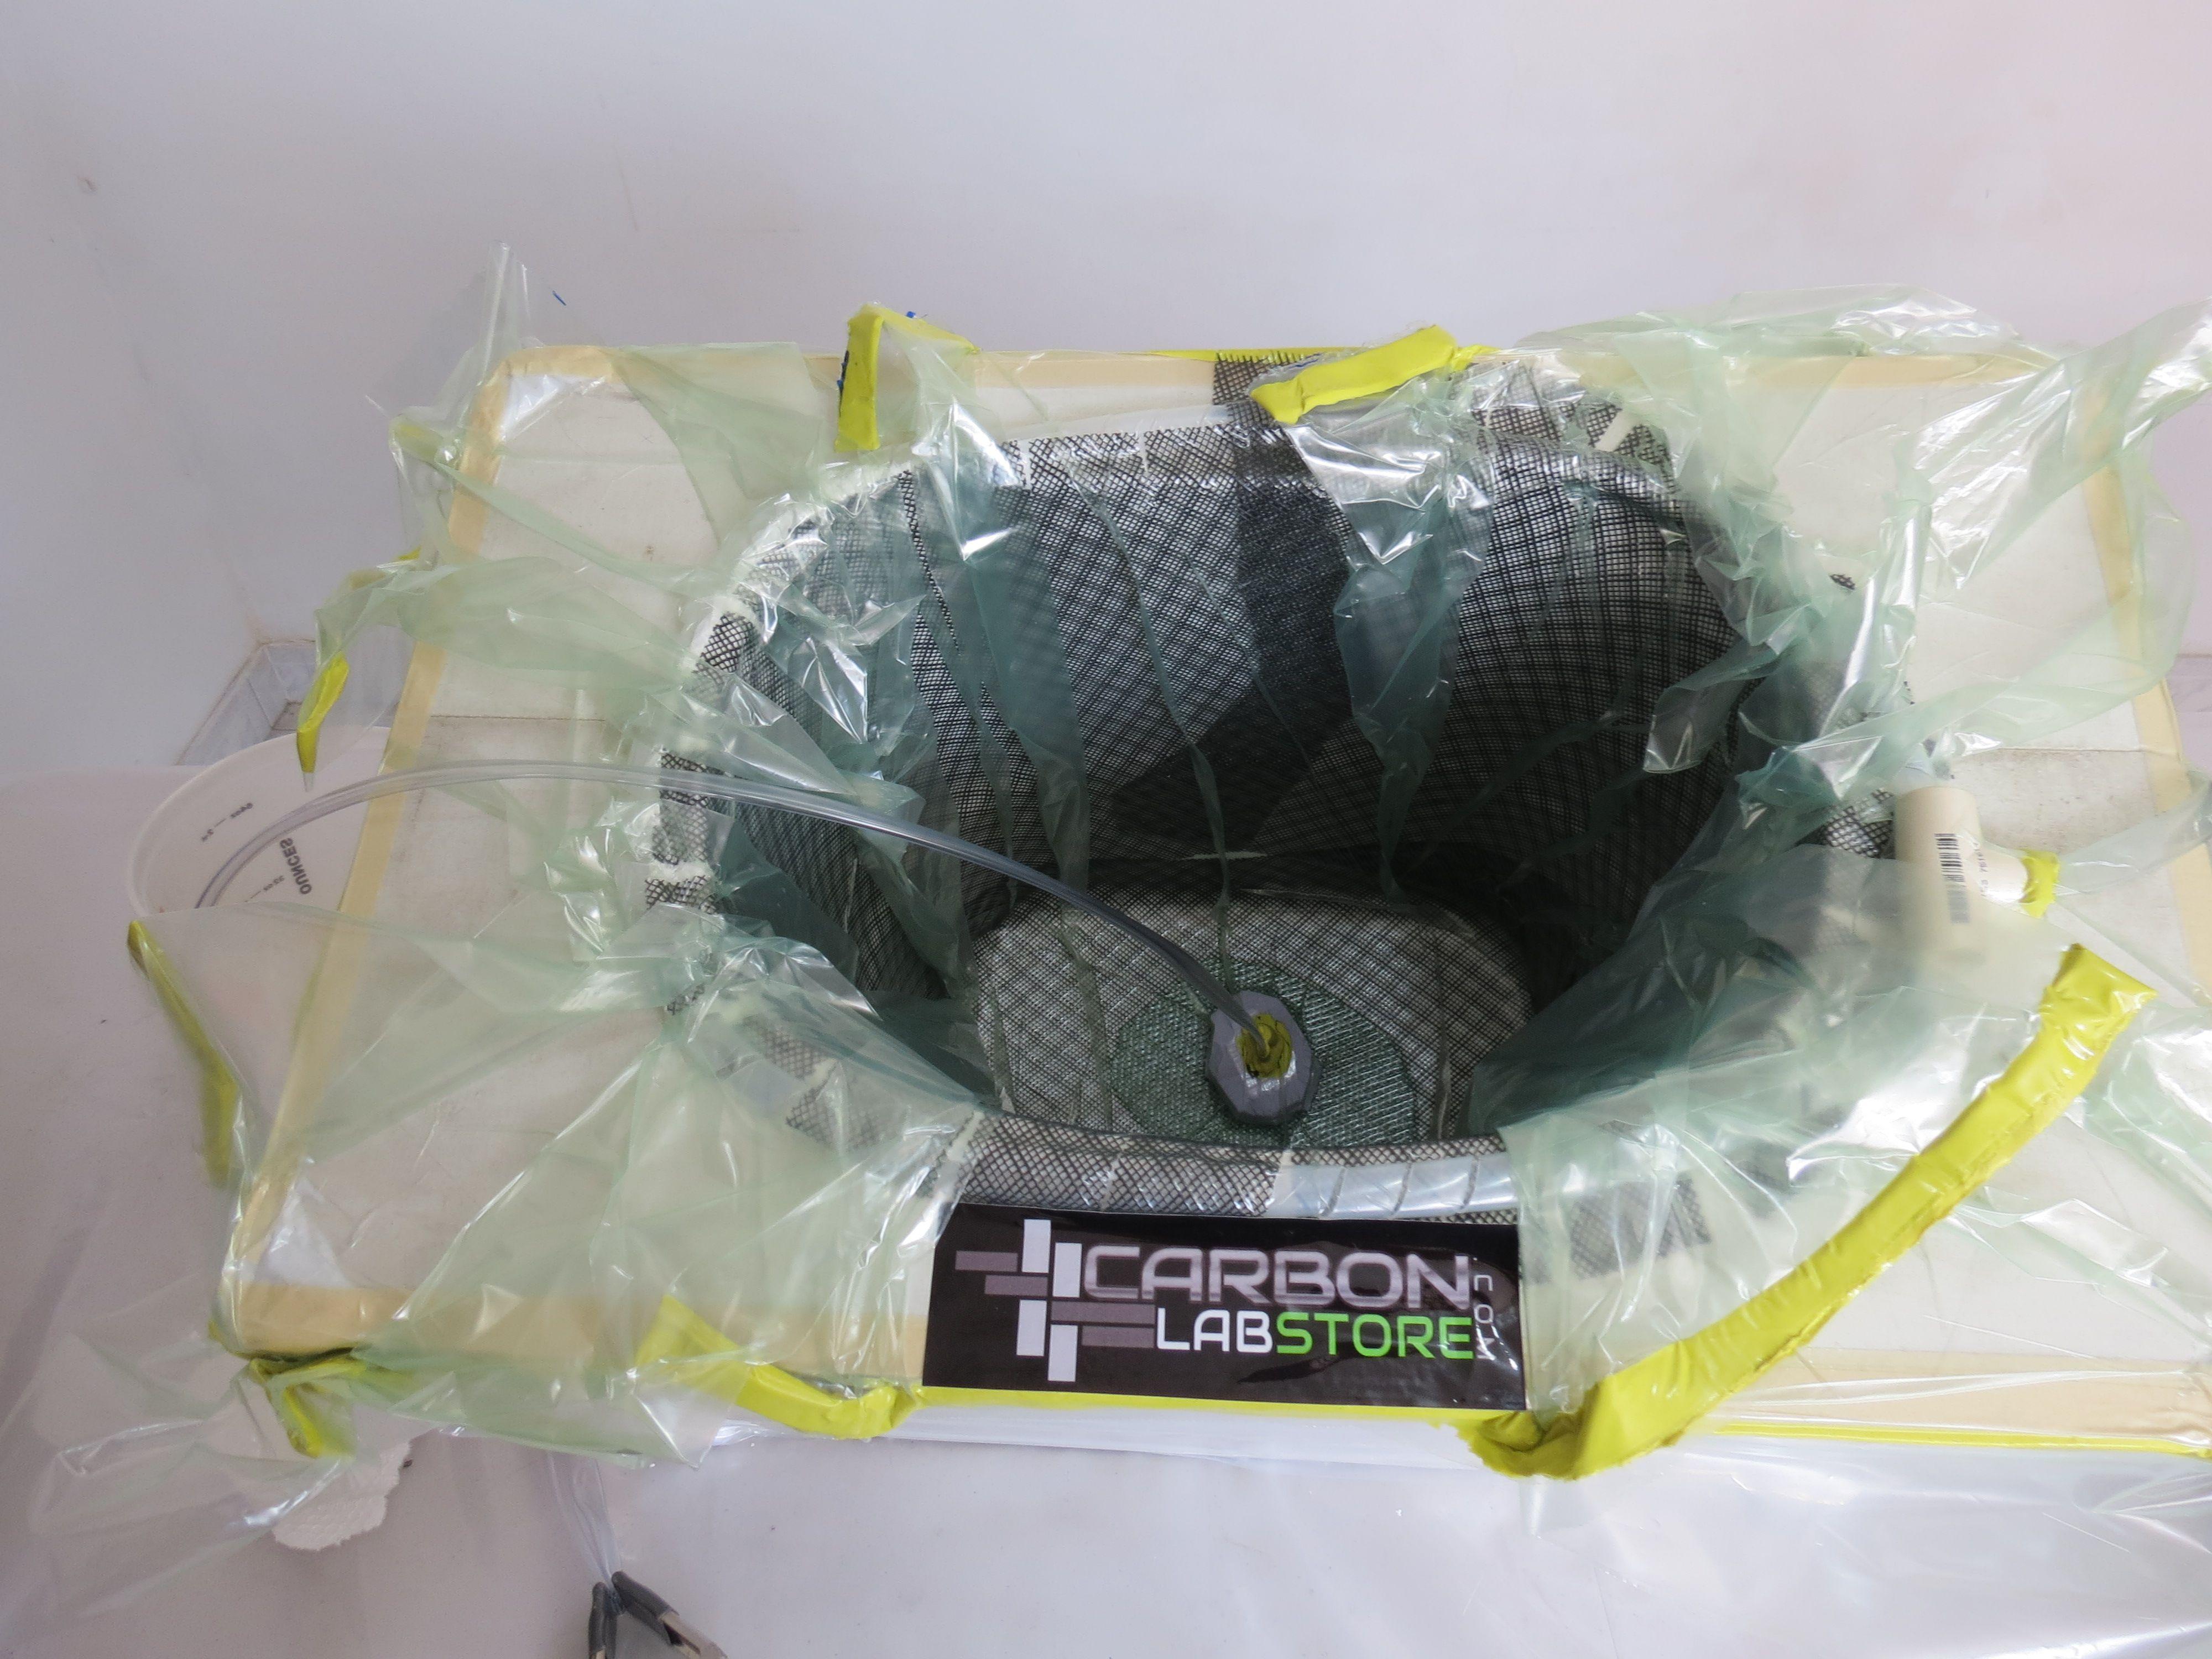 Inicio de la transferencia de resina al molde por el proceso de infusión. Para mayor información, visita: www.carbonlabstore.com